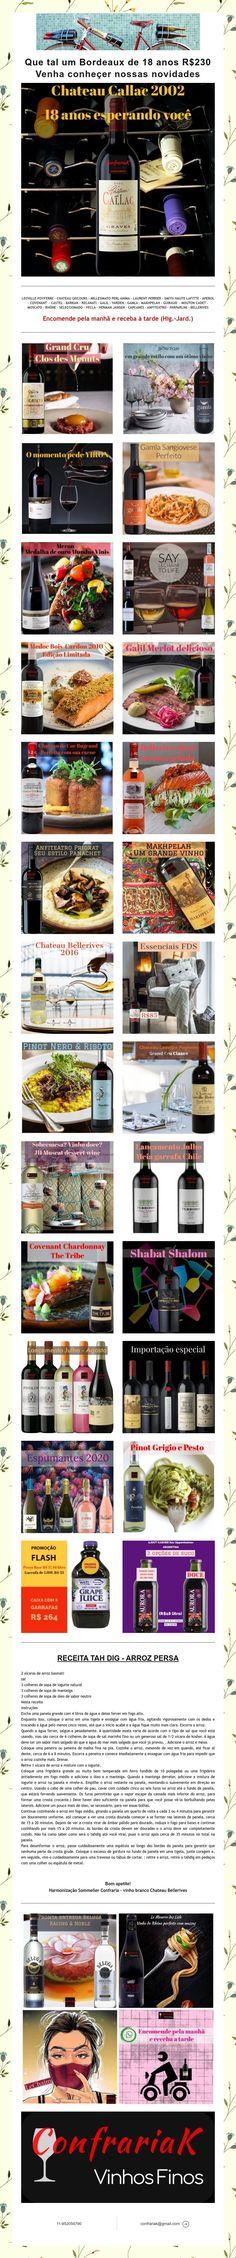 Que tal um Bordeaux de 18 anos R$230  Venha conheçer nossas novidades 230, Bordeaux, Wine Pairings, Getting To Know, Bordeaux Wine